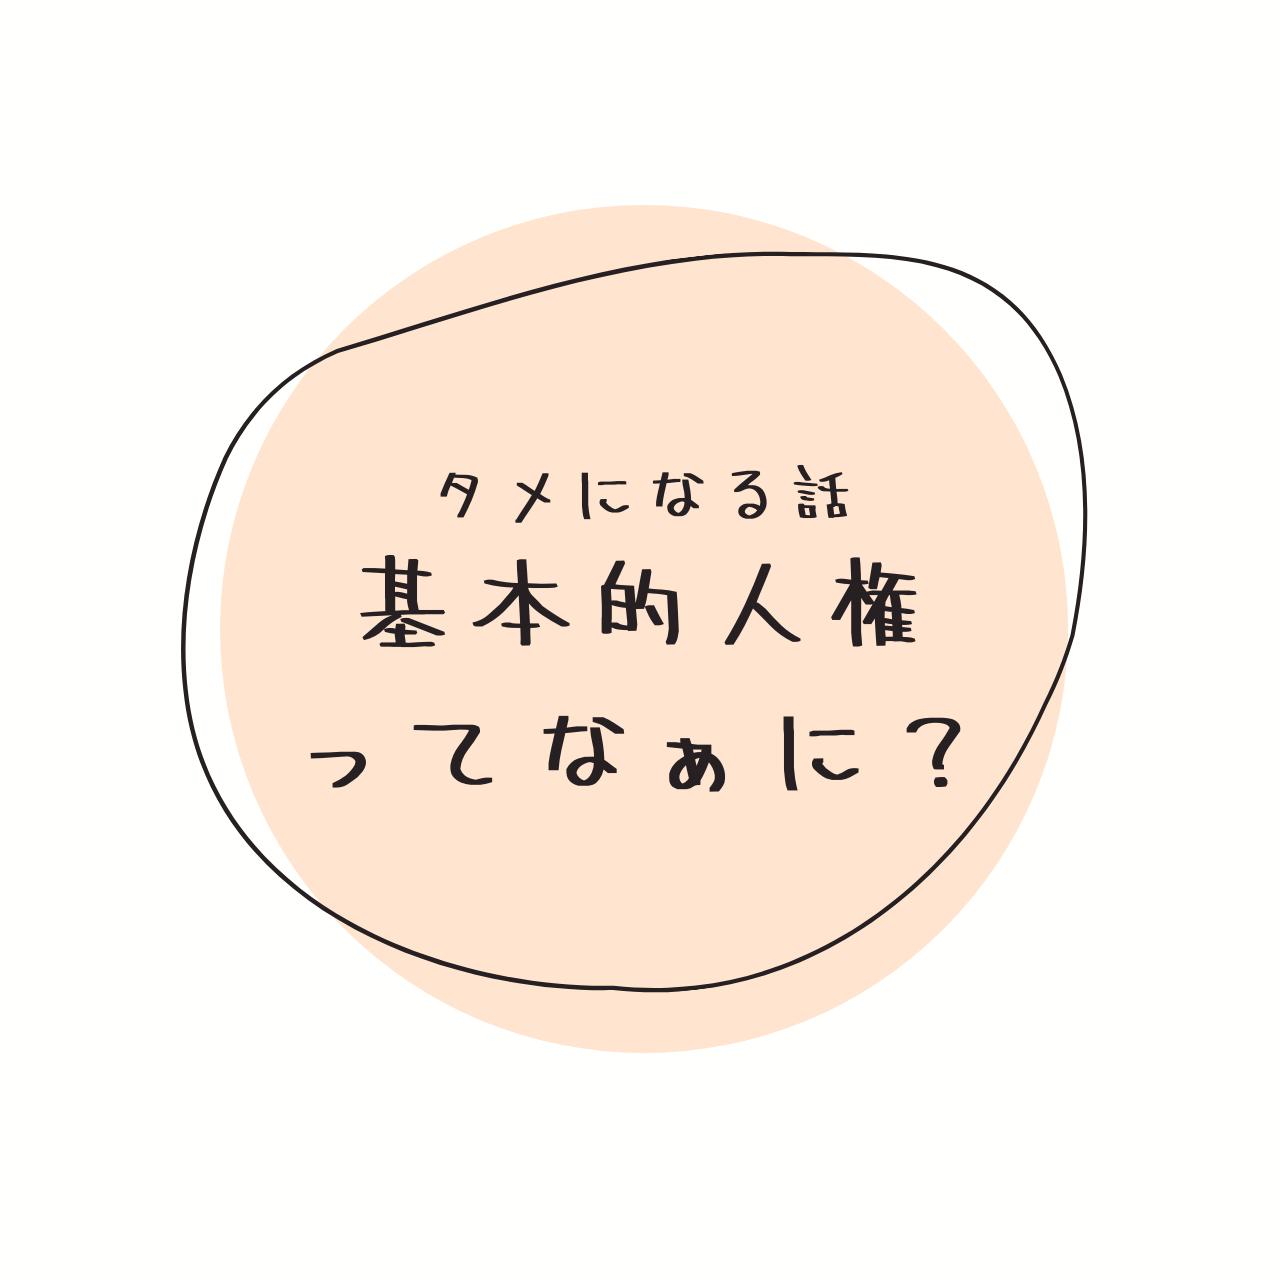 日本国憲法における基本的人権を詳しく解説